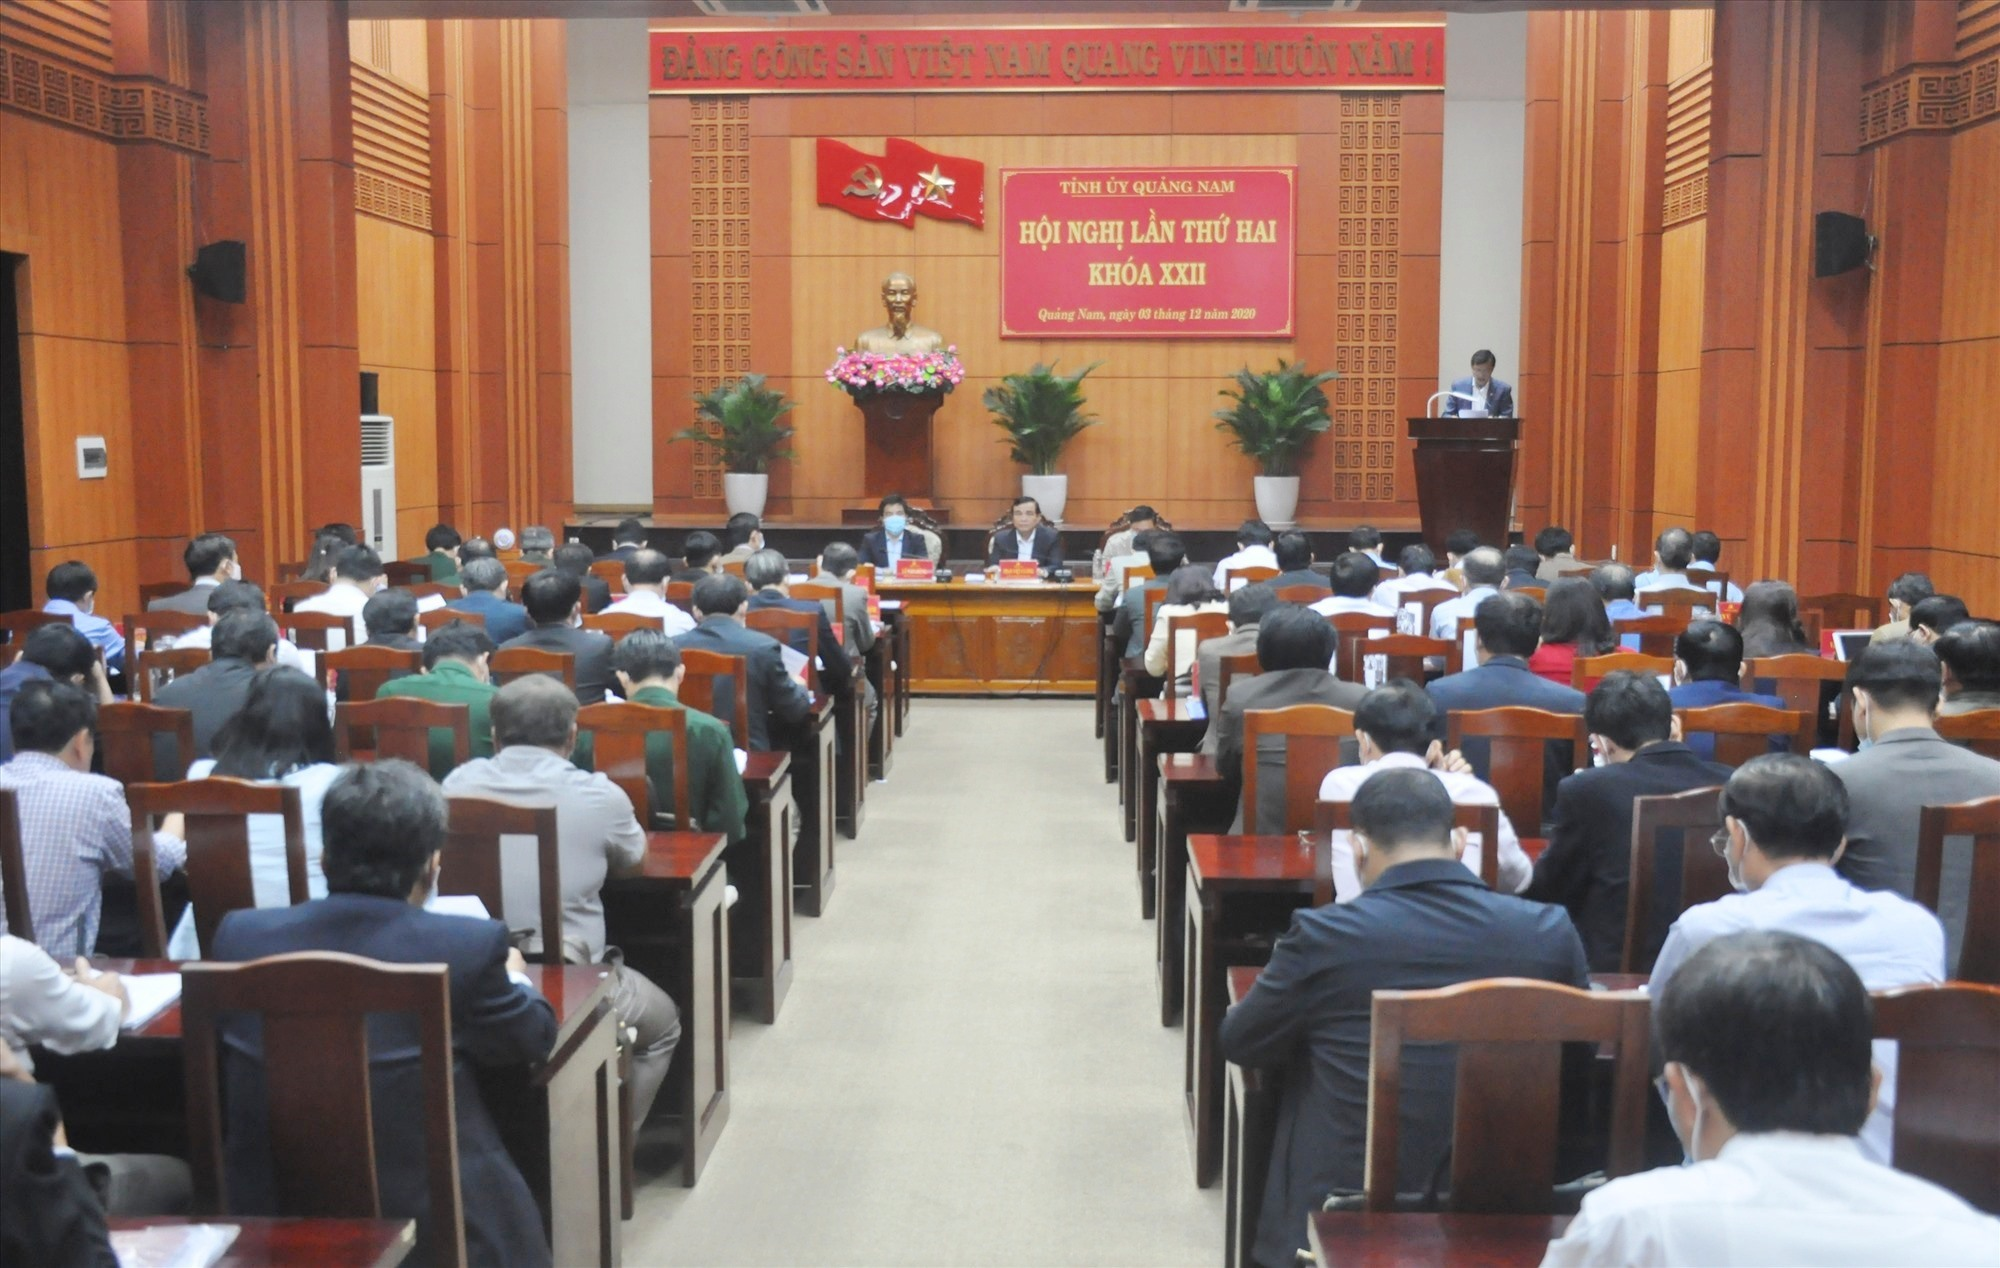 Quang cảnh Hội nghị Tỉnh ủy sáng nay 3.12. Ảnh: N.Đ